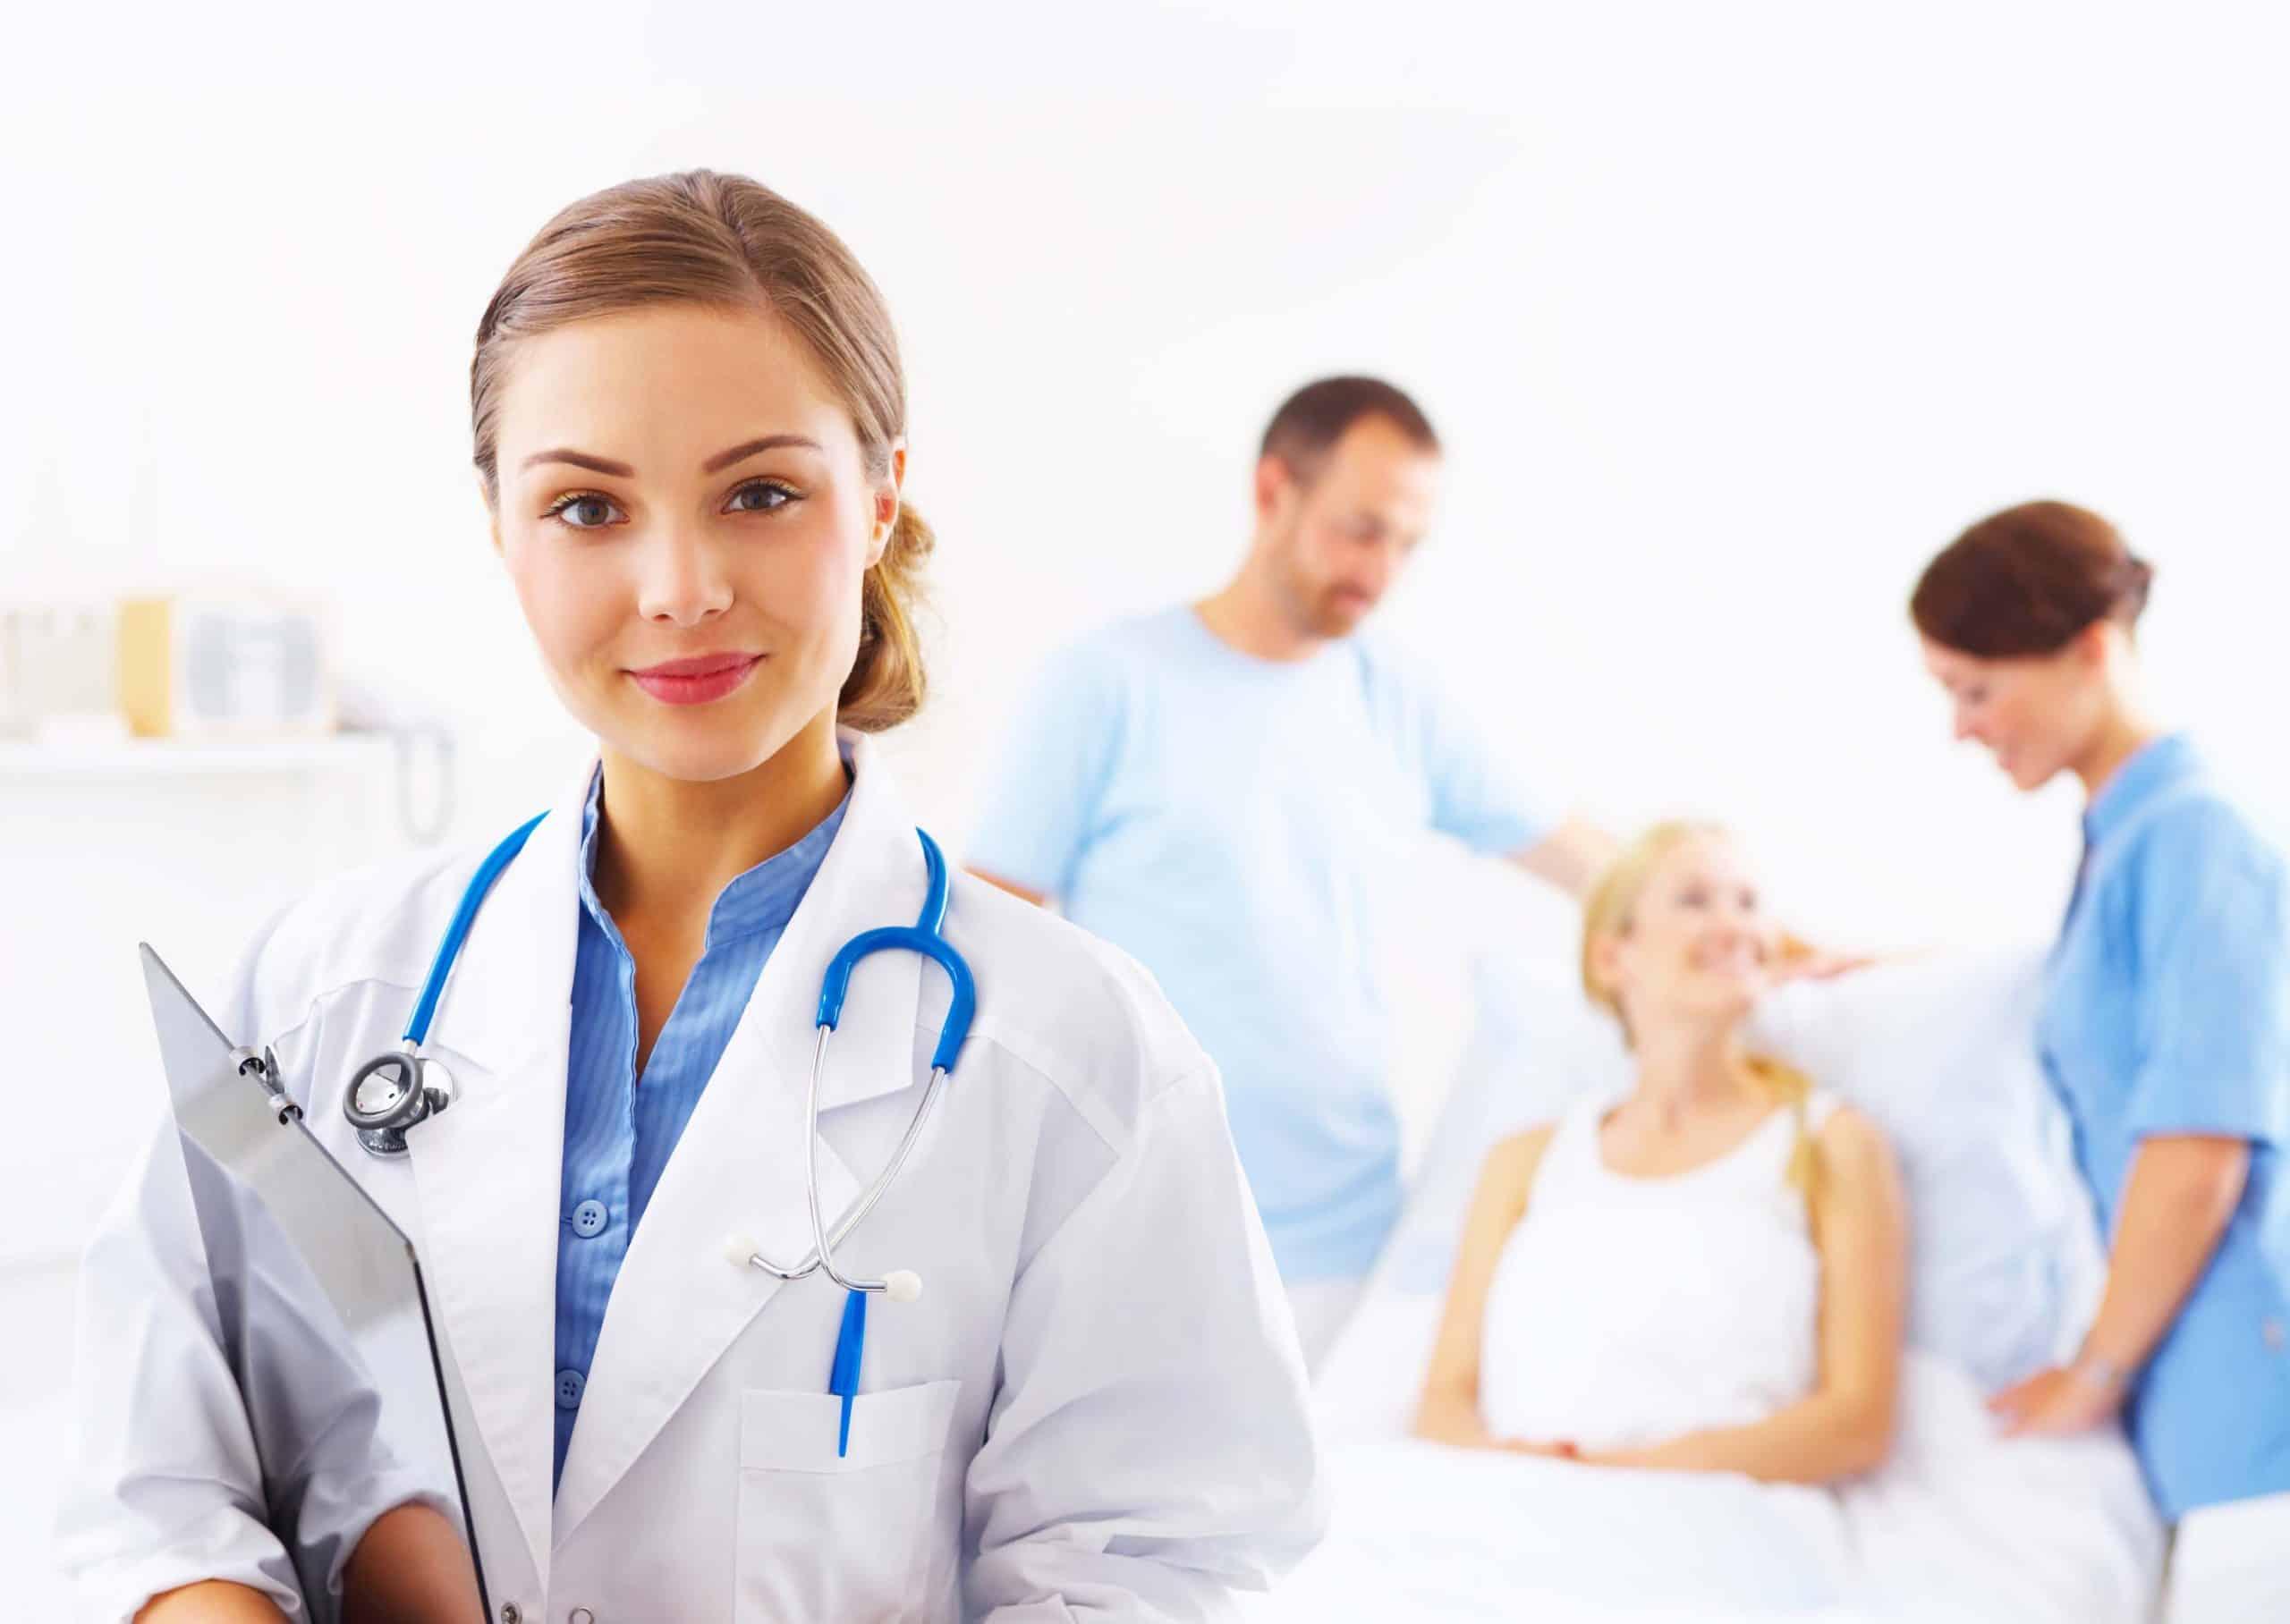 Peut-on trouver un emploi médical sur le net ?